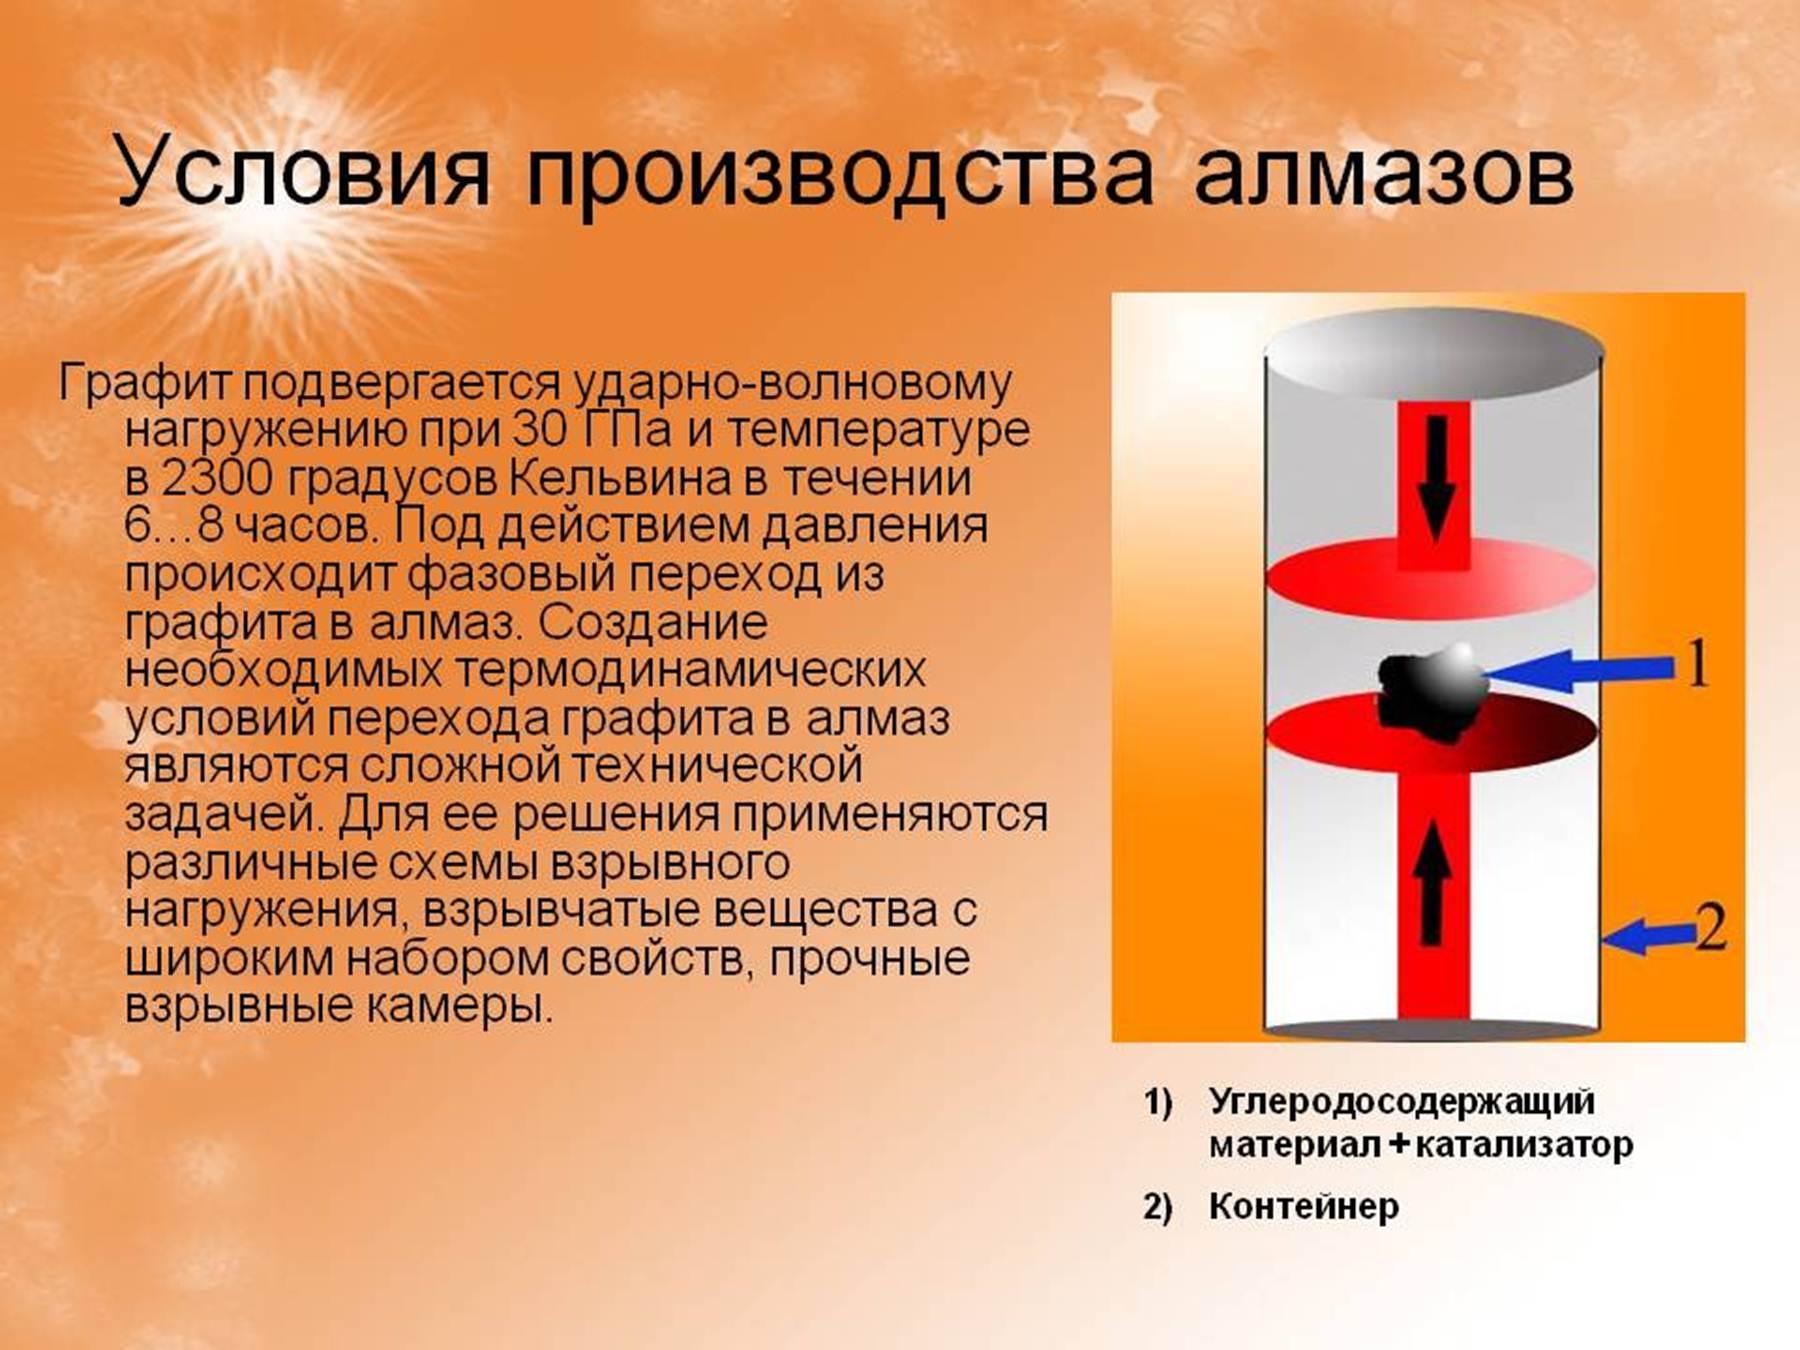 Отличие клиромайзера от атомайзера схема